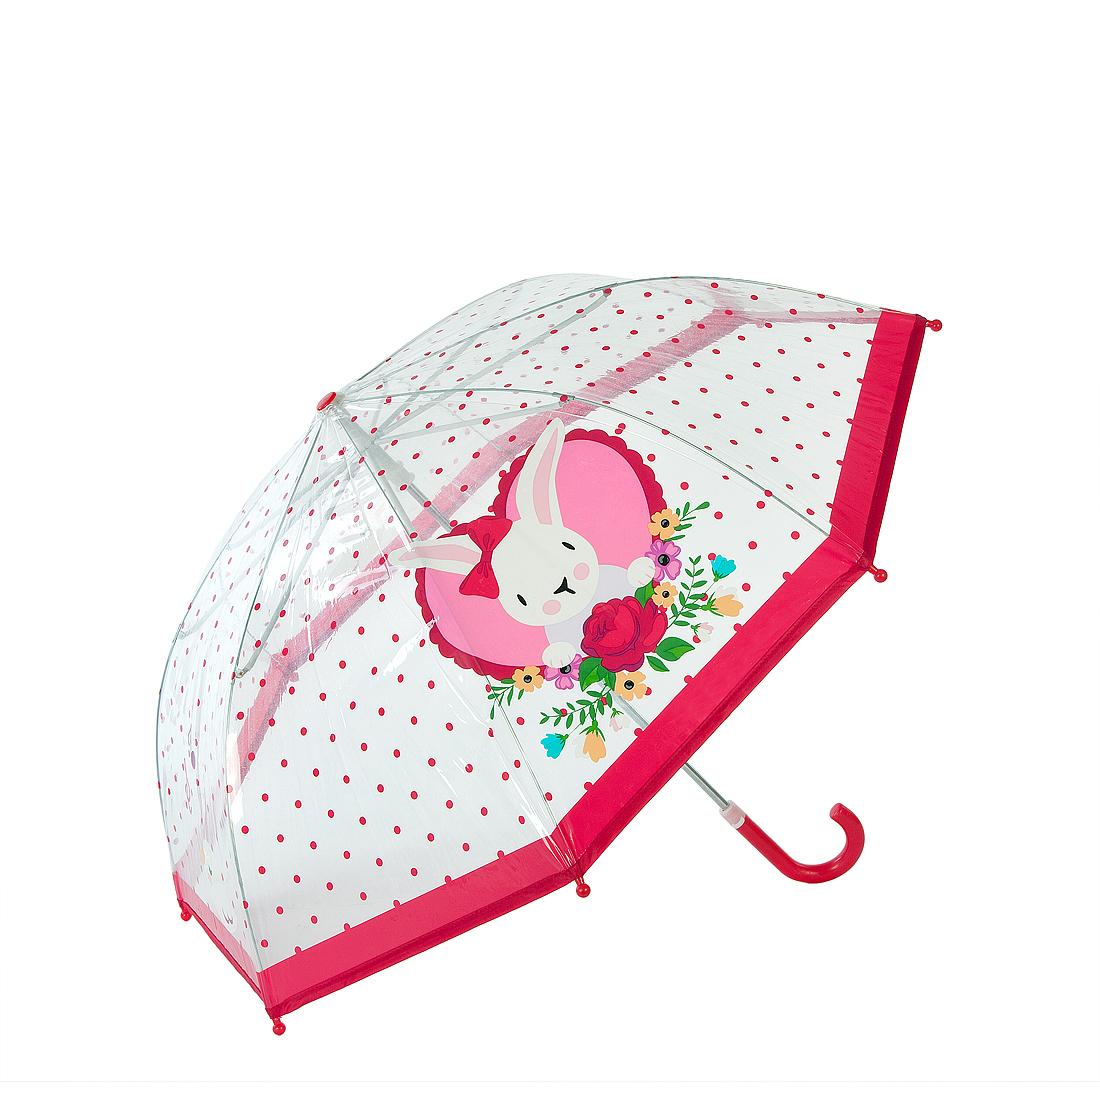 купить Зонт Mary Poppins Rose Bunny прозрачный 46 см дешево